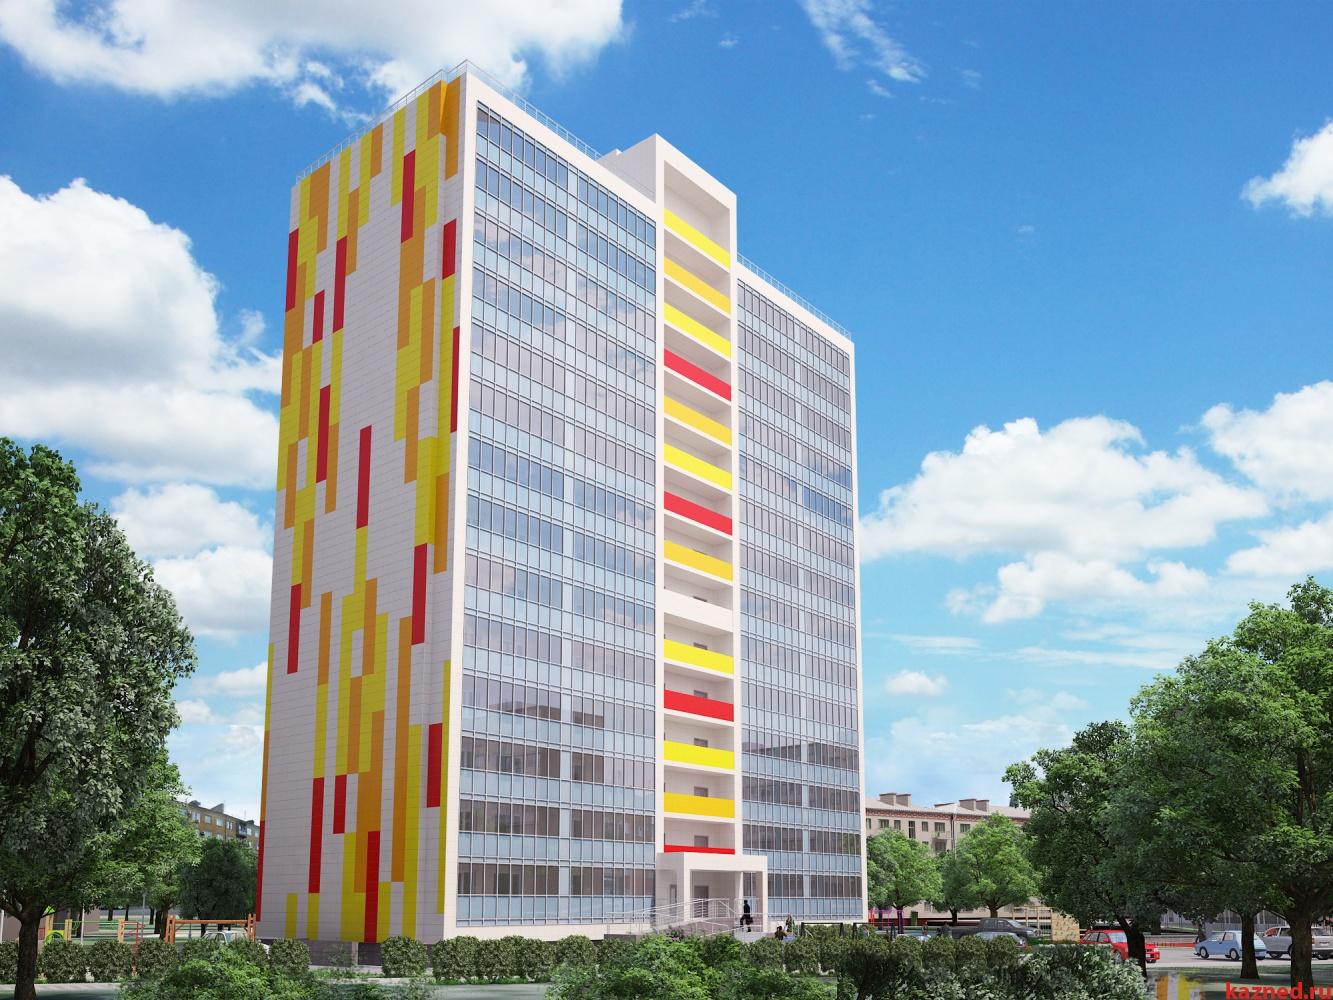 Продажа 1-к квартиры Отрадная,48, 49 м² (миниатюра №1)